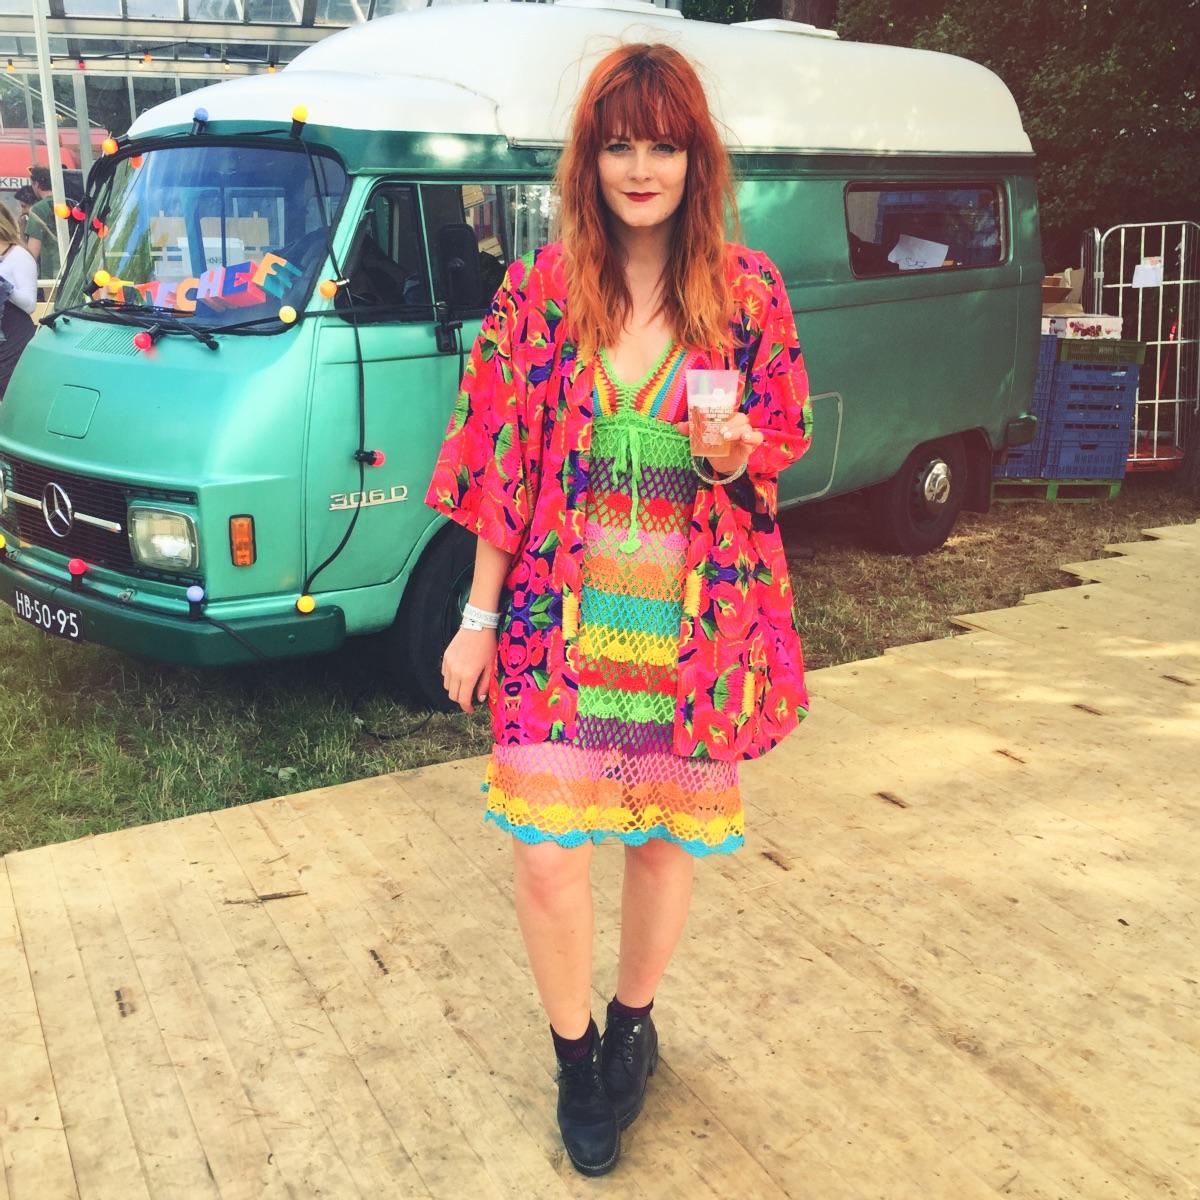 Rainbow Crochet Outfit